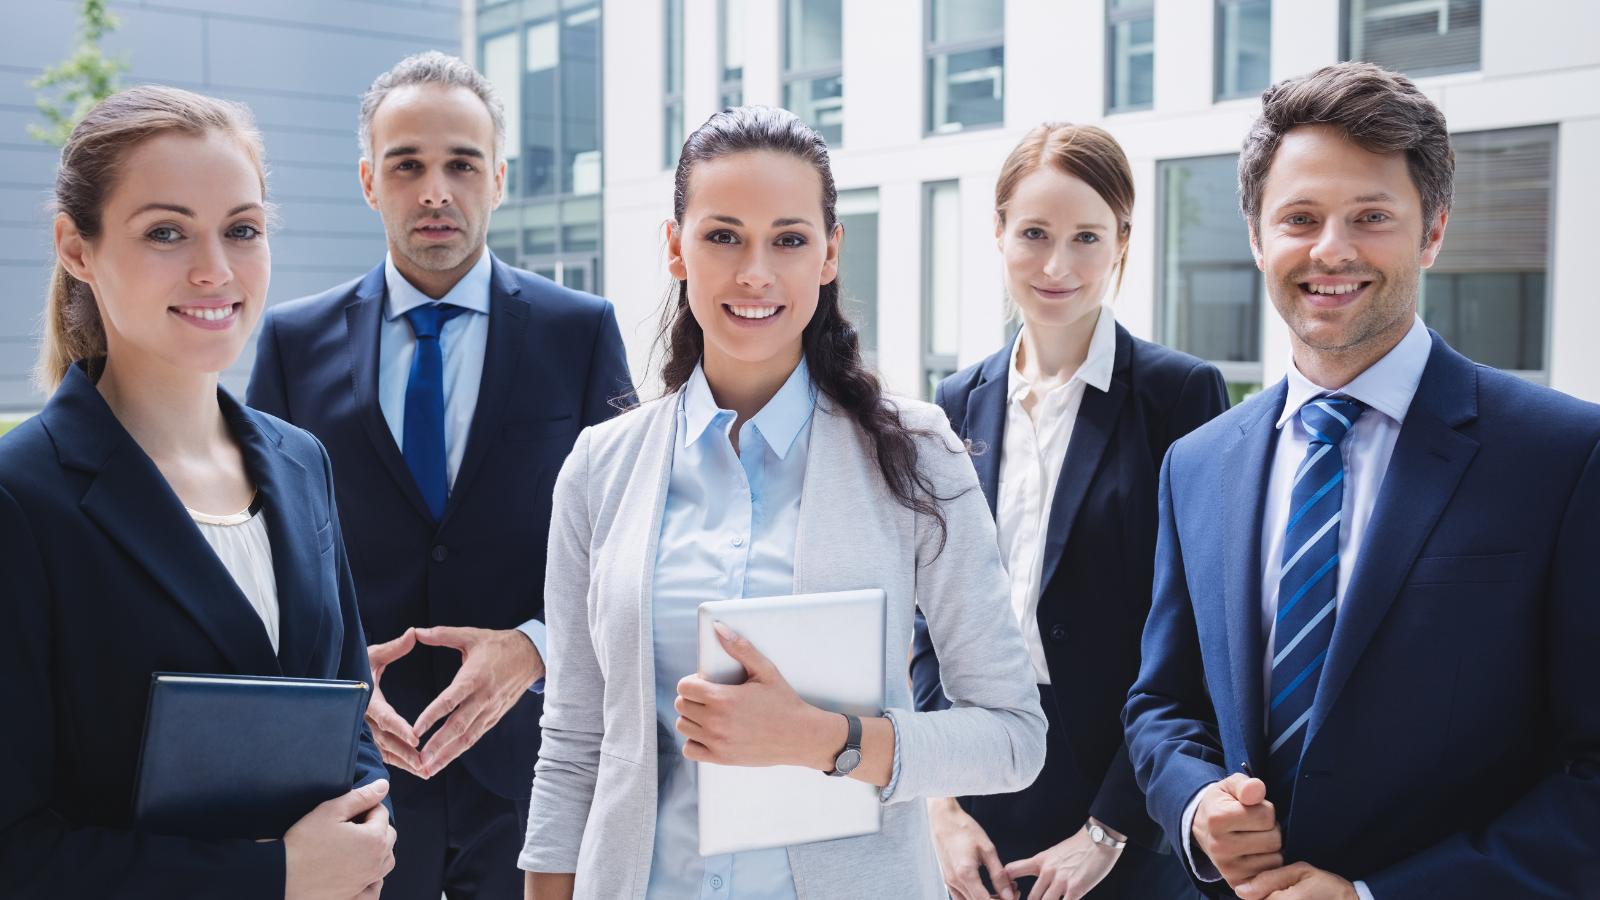 communication-skills-improves-professional-image